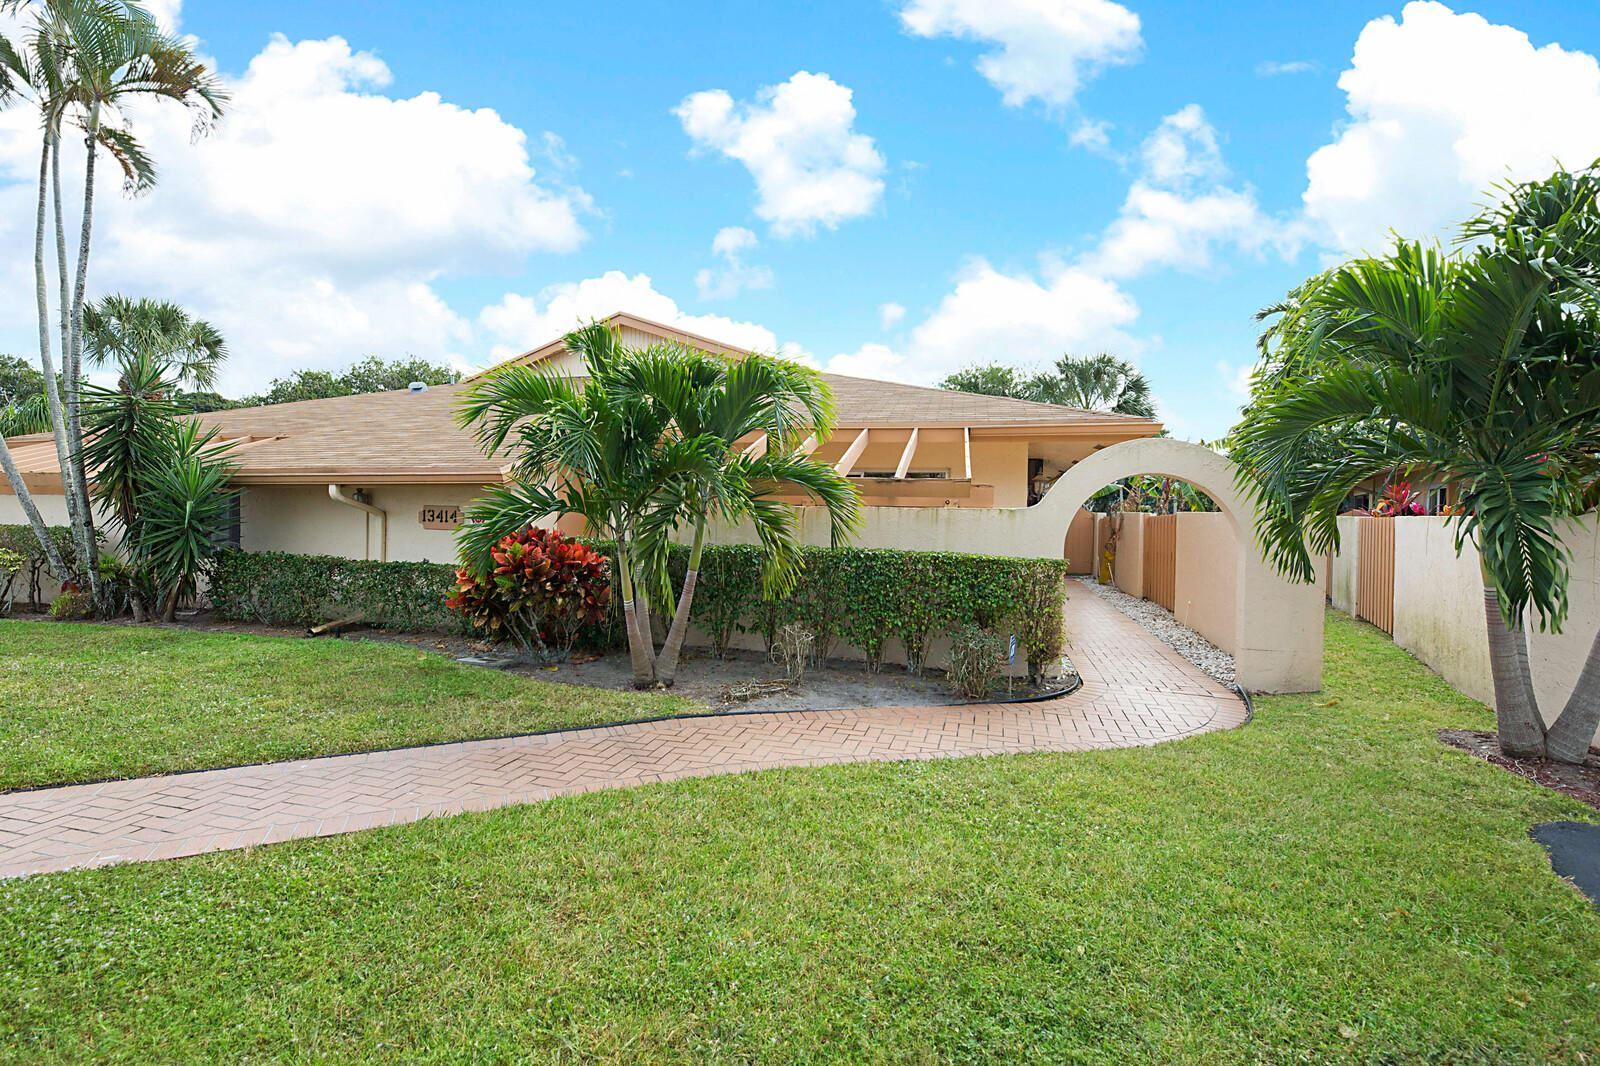 13414 Sabal Palm Court #B, Delray Beach, FL 33484 - #: RX-10684700